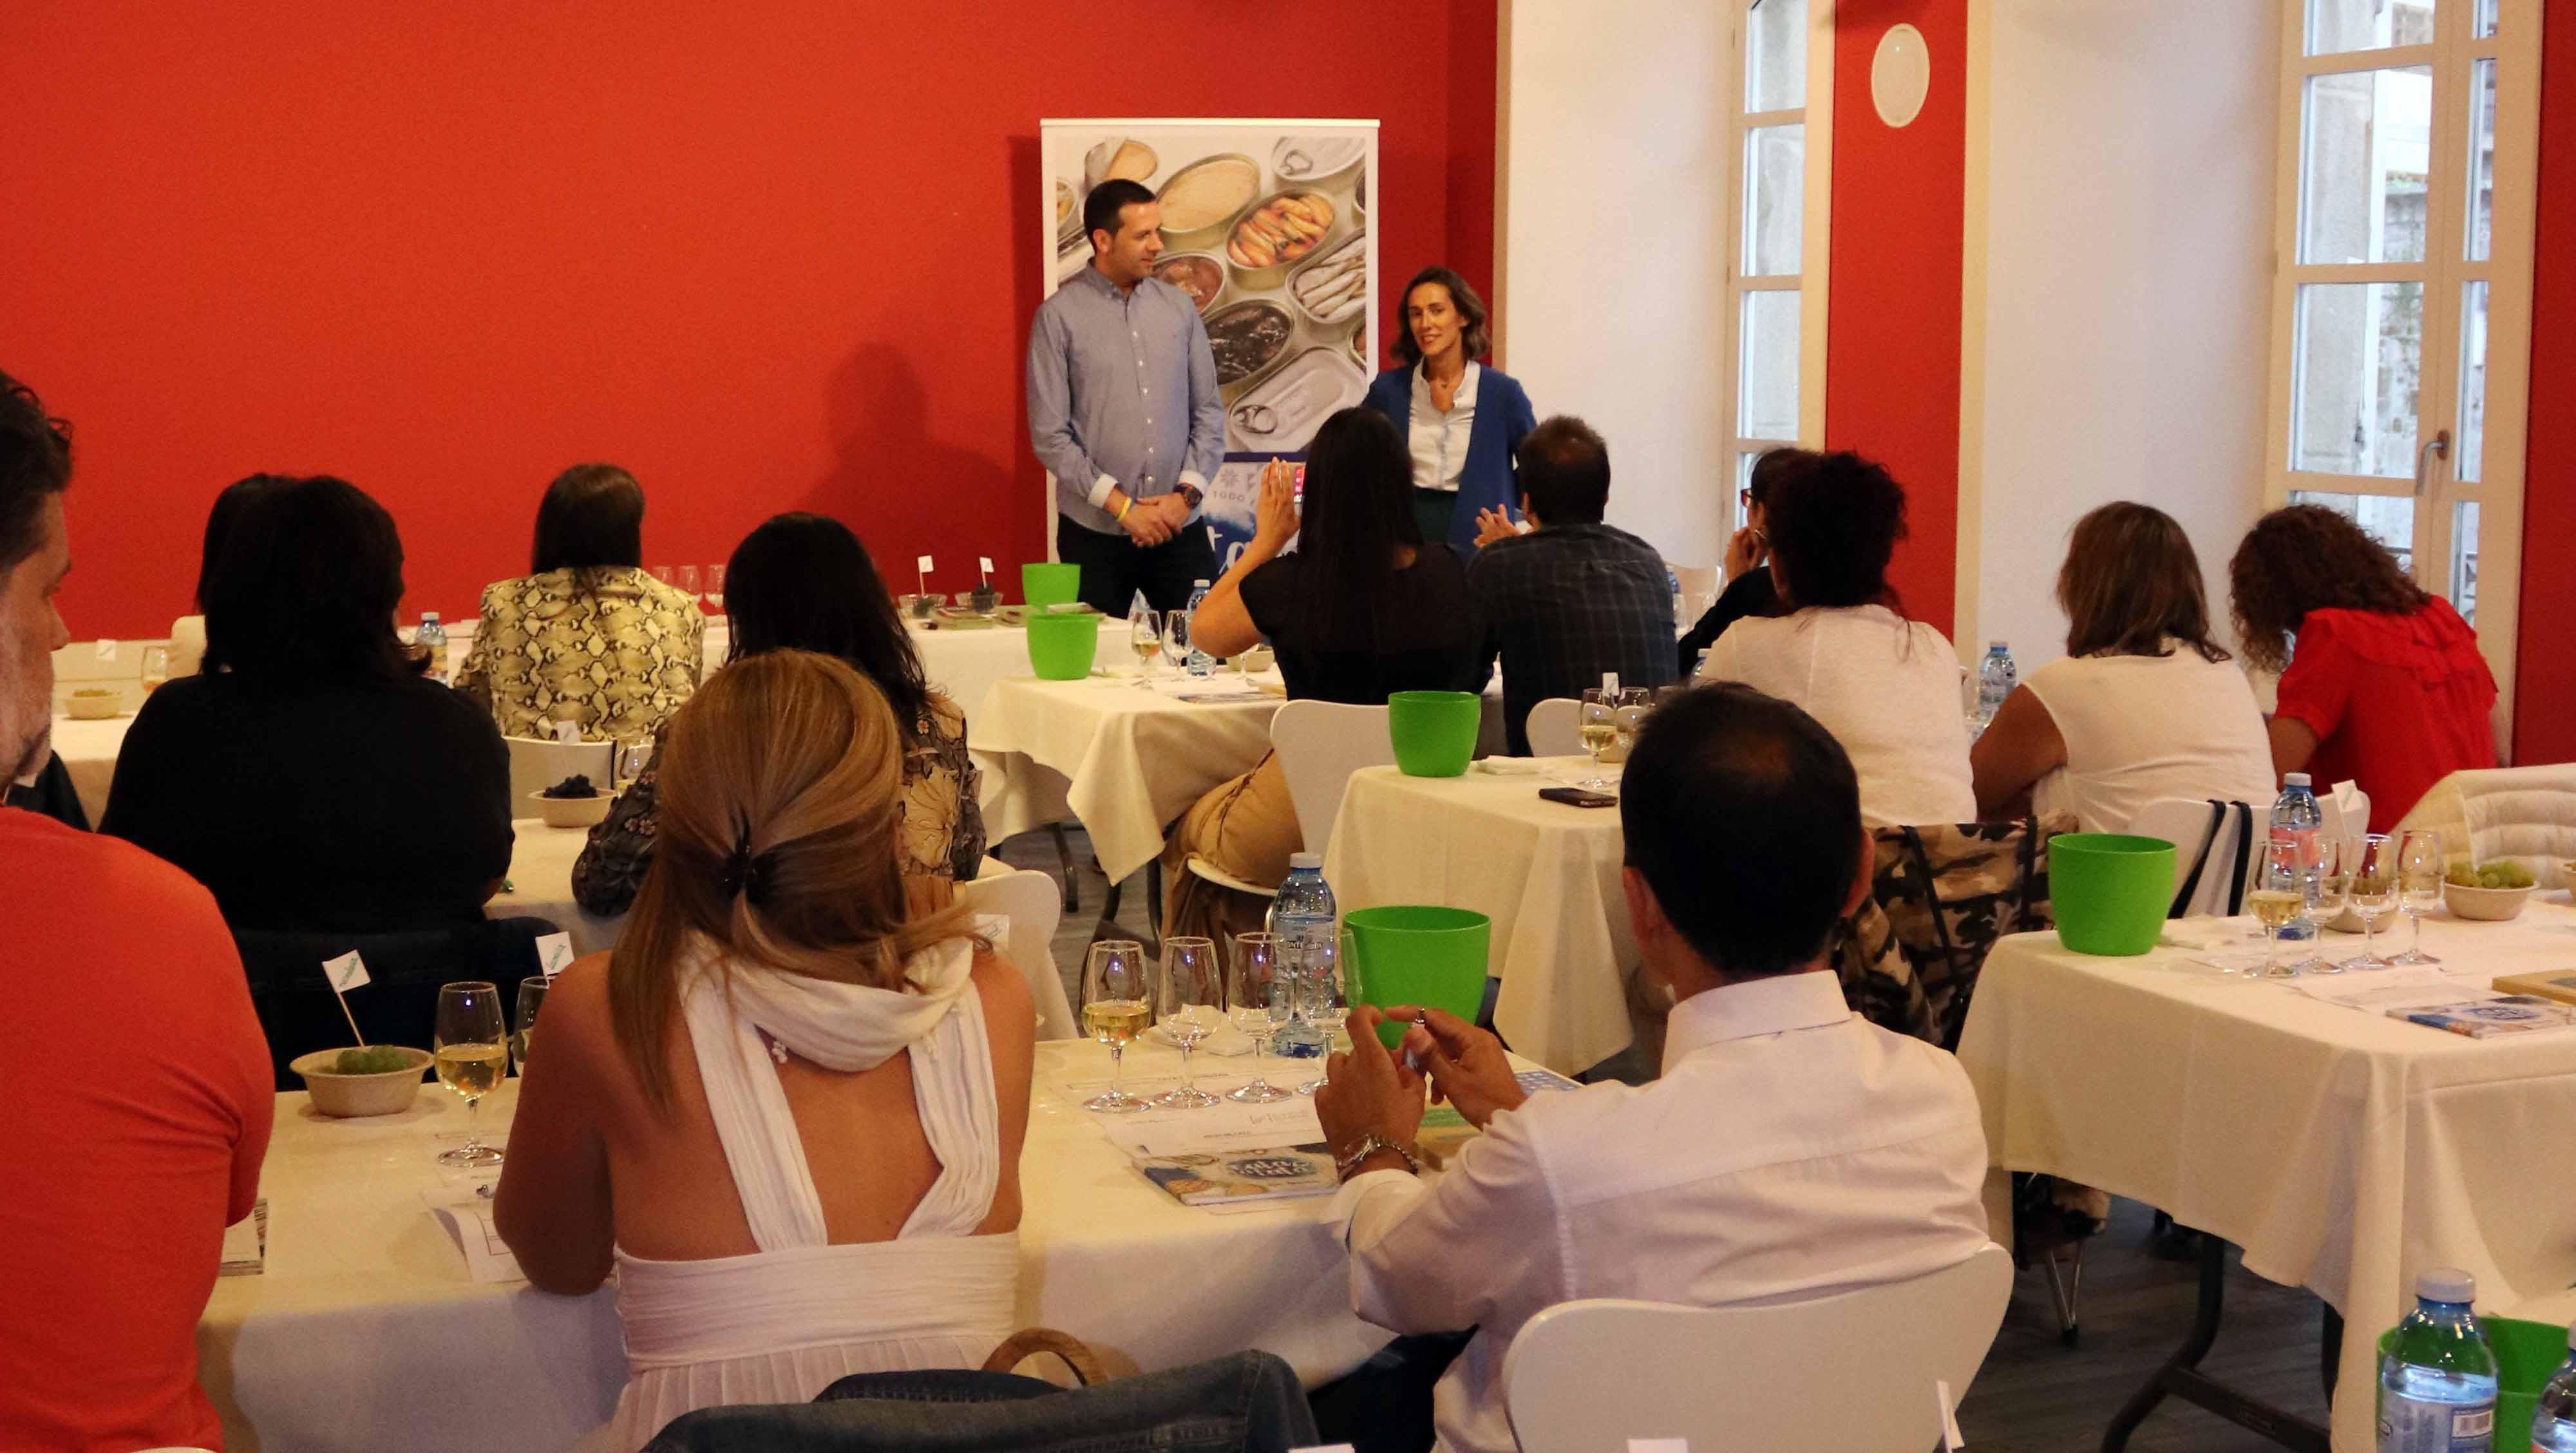 Treinta personas participaron en la Cata de Vendimia organizada por la Ruta do Viño Rías Baixas en el Pazo de Mugartegui